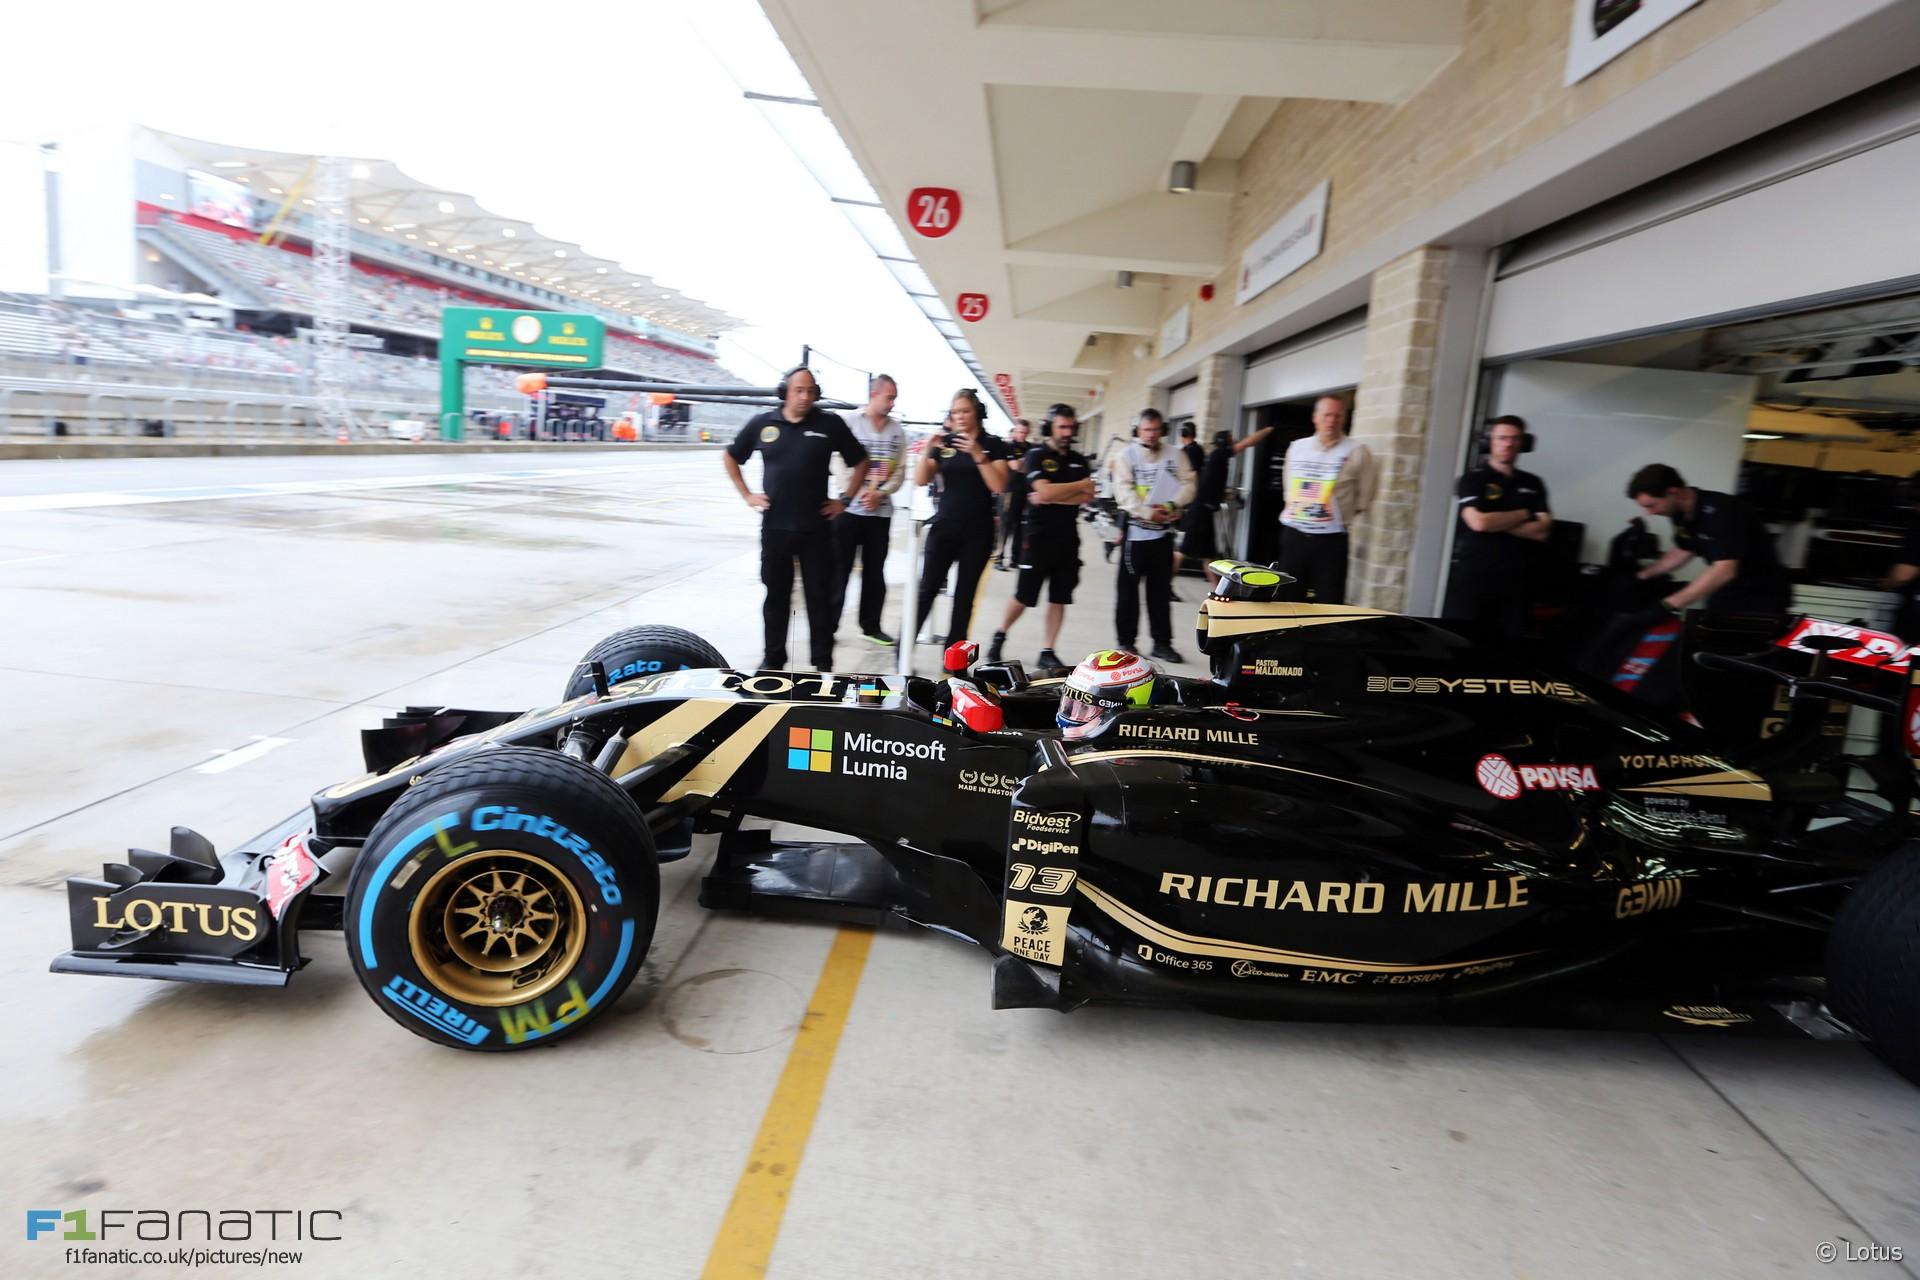 Pastor Maldonado, Lotus, Circuit of the Americas, 2015